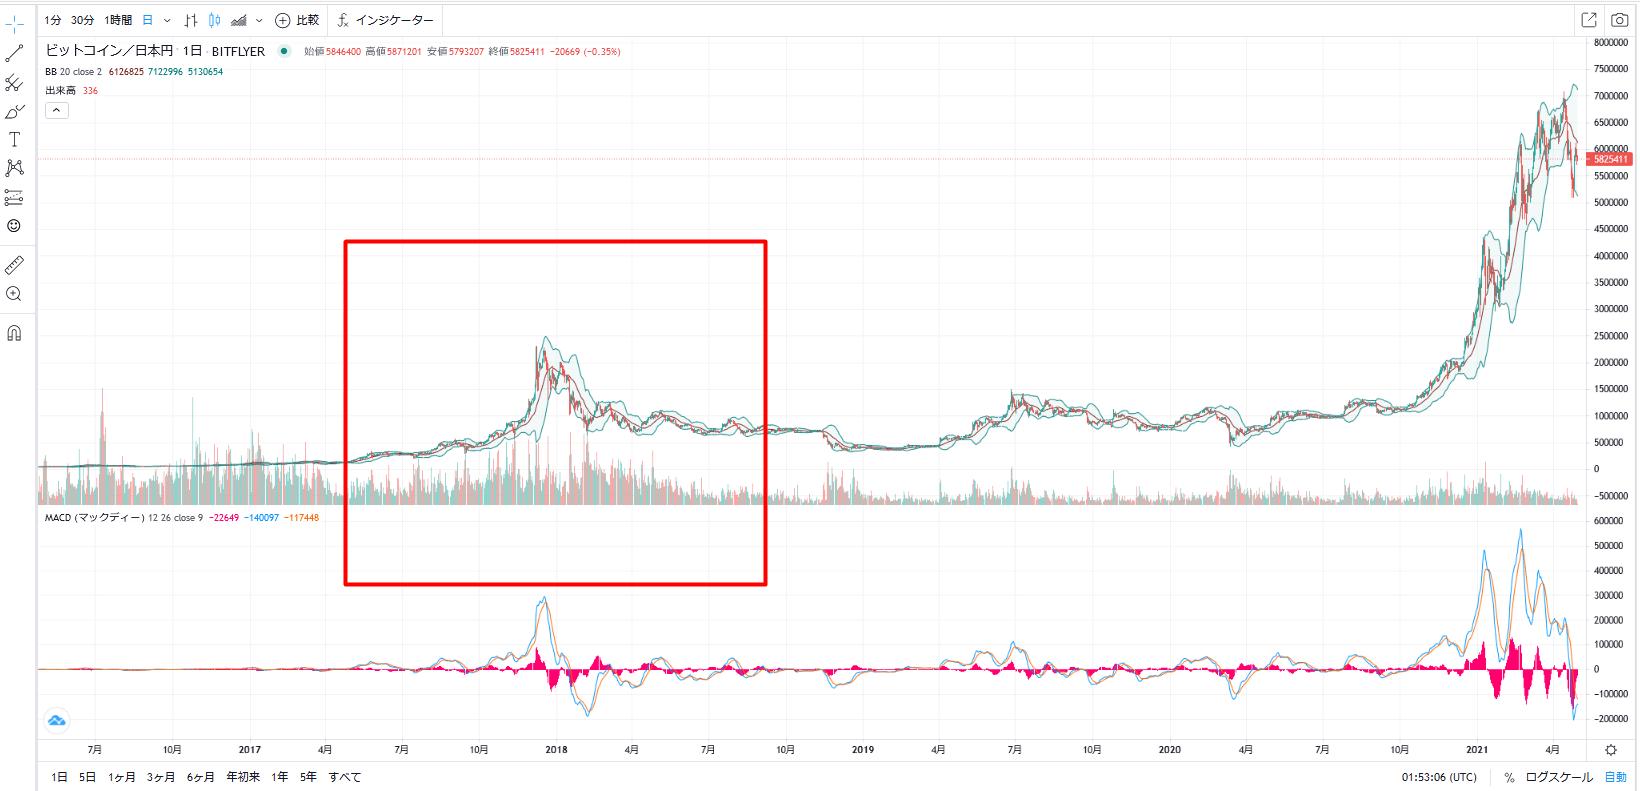 チャート 長期 コイン ビット